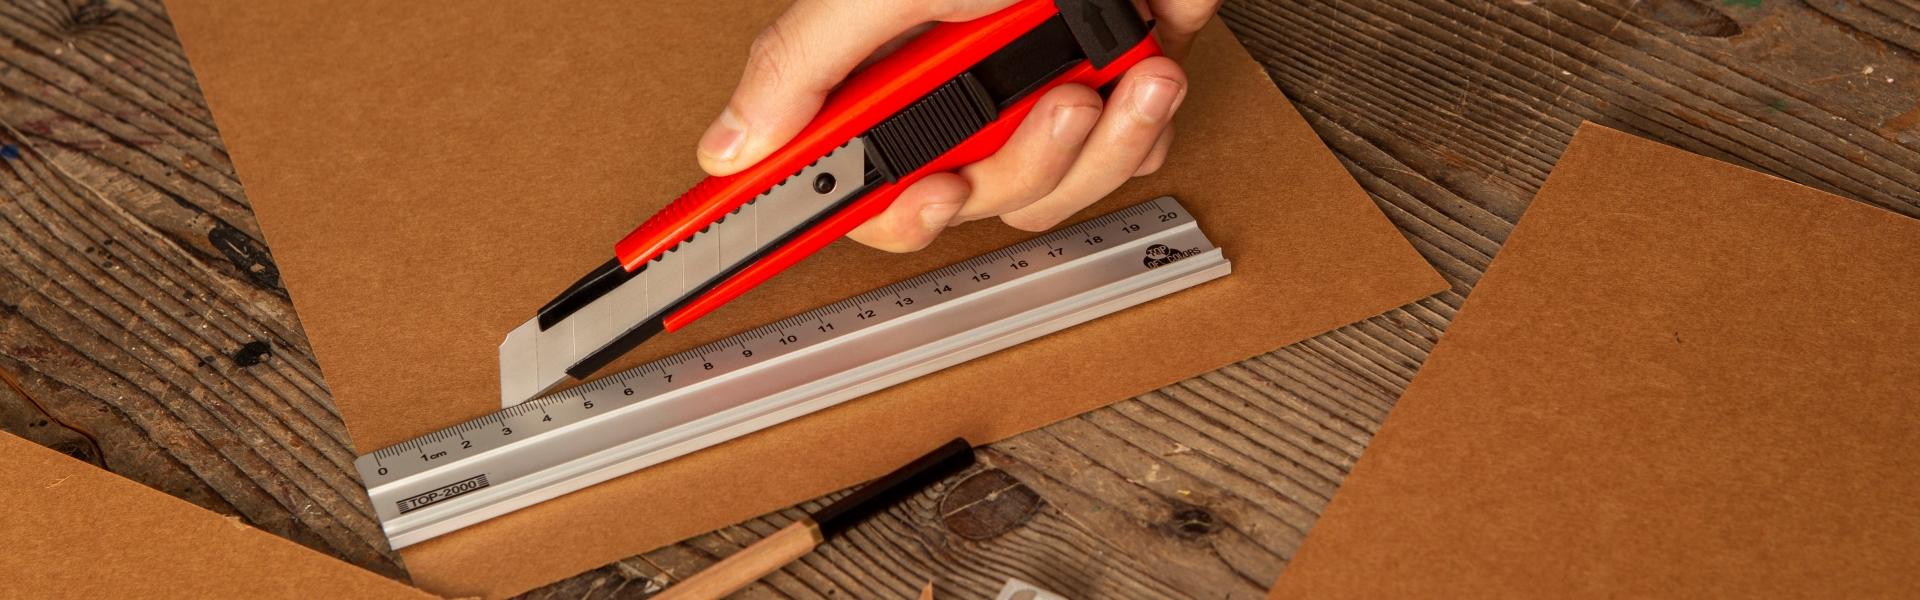 Sağlam, Güçlü, Keskin ve Güvenli Maket Bıçakları